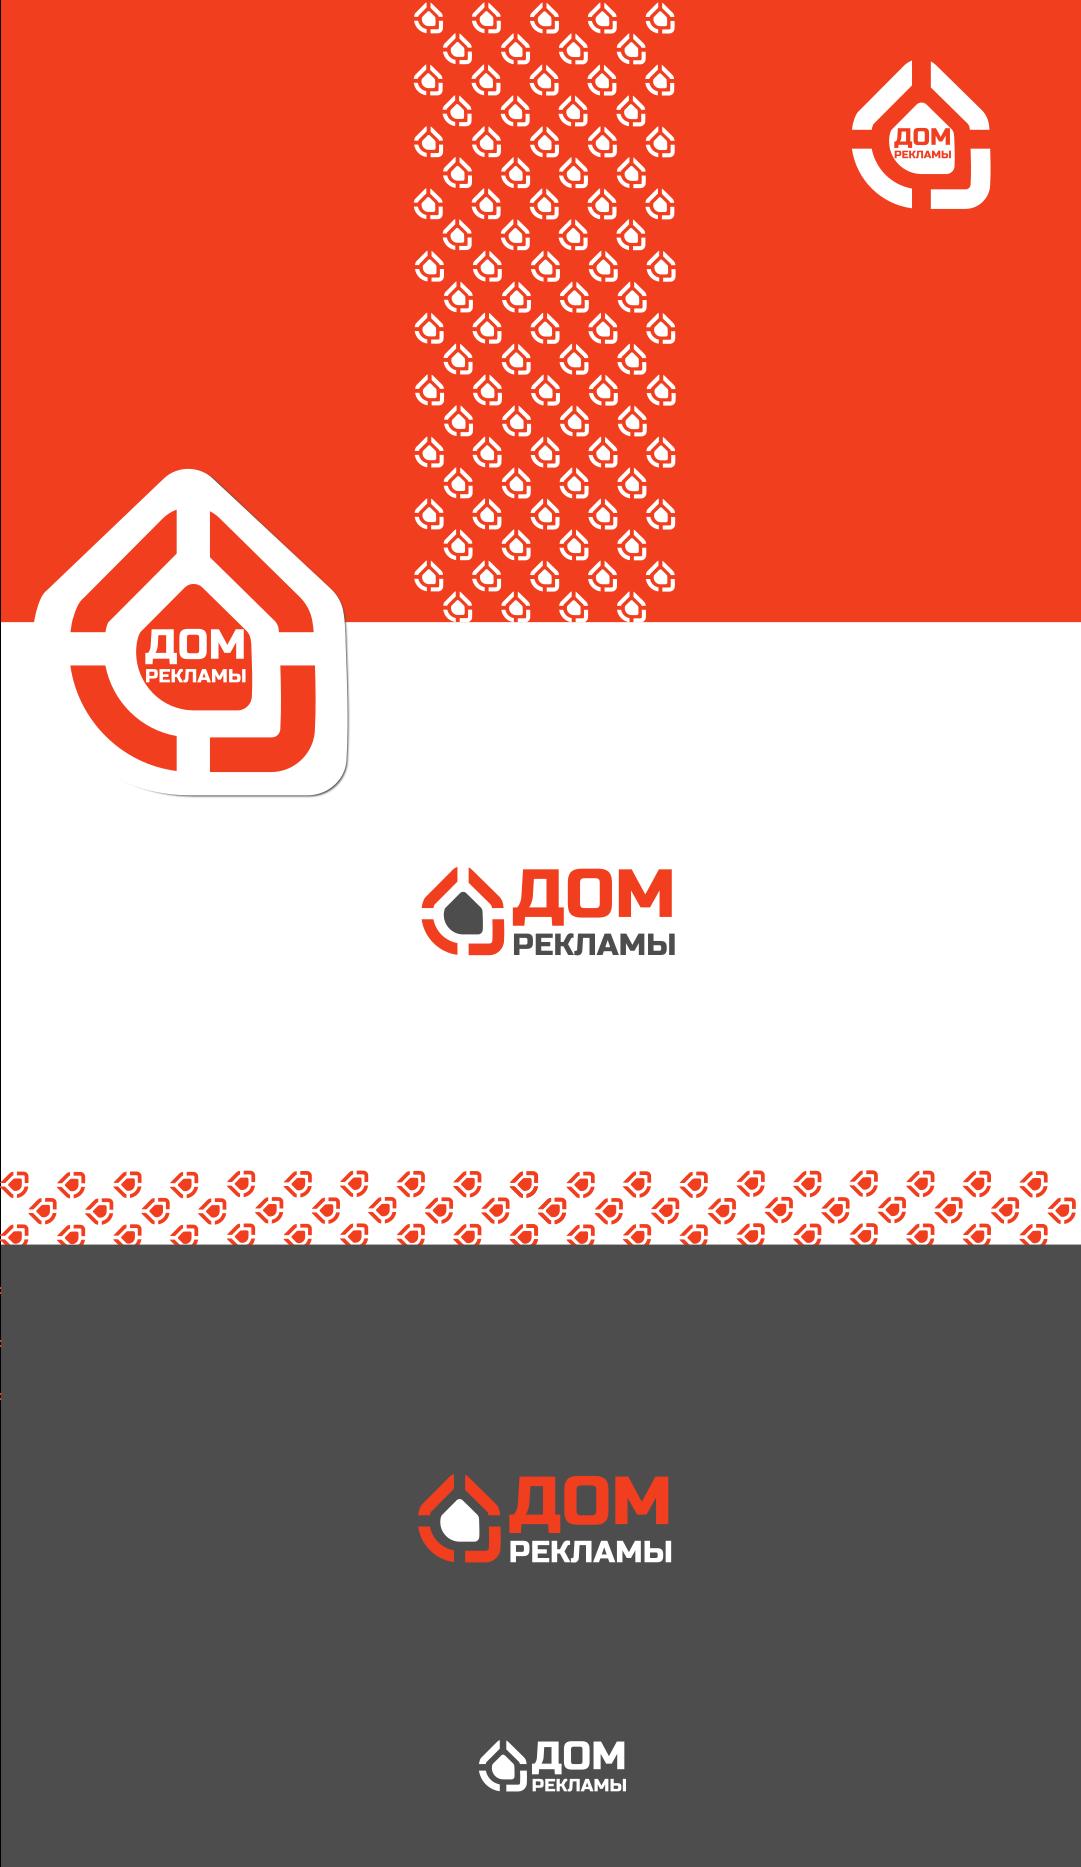 Дизайн логотипа рекламно-производственной компании фото f_5225ede153e8206e.png